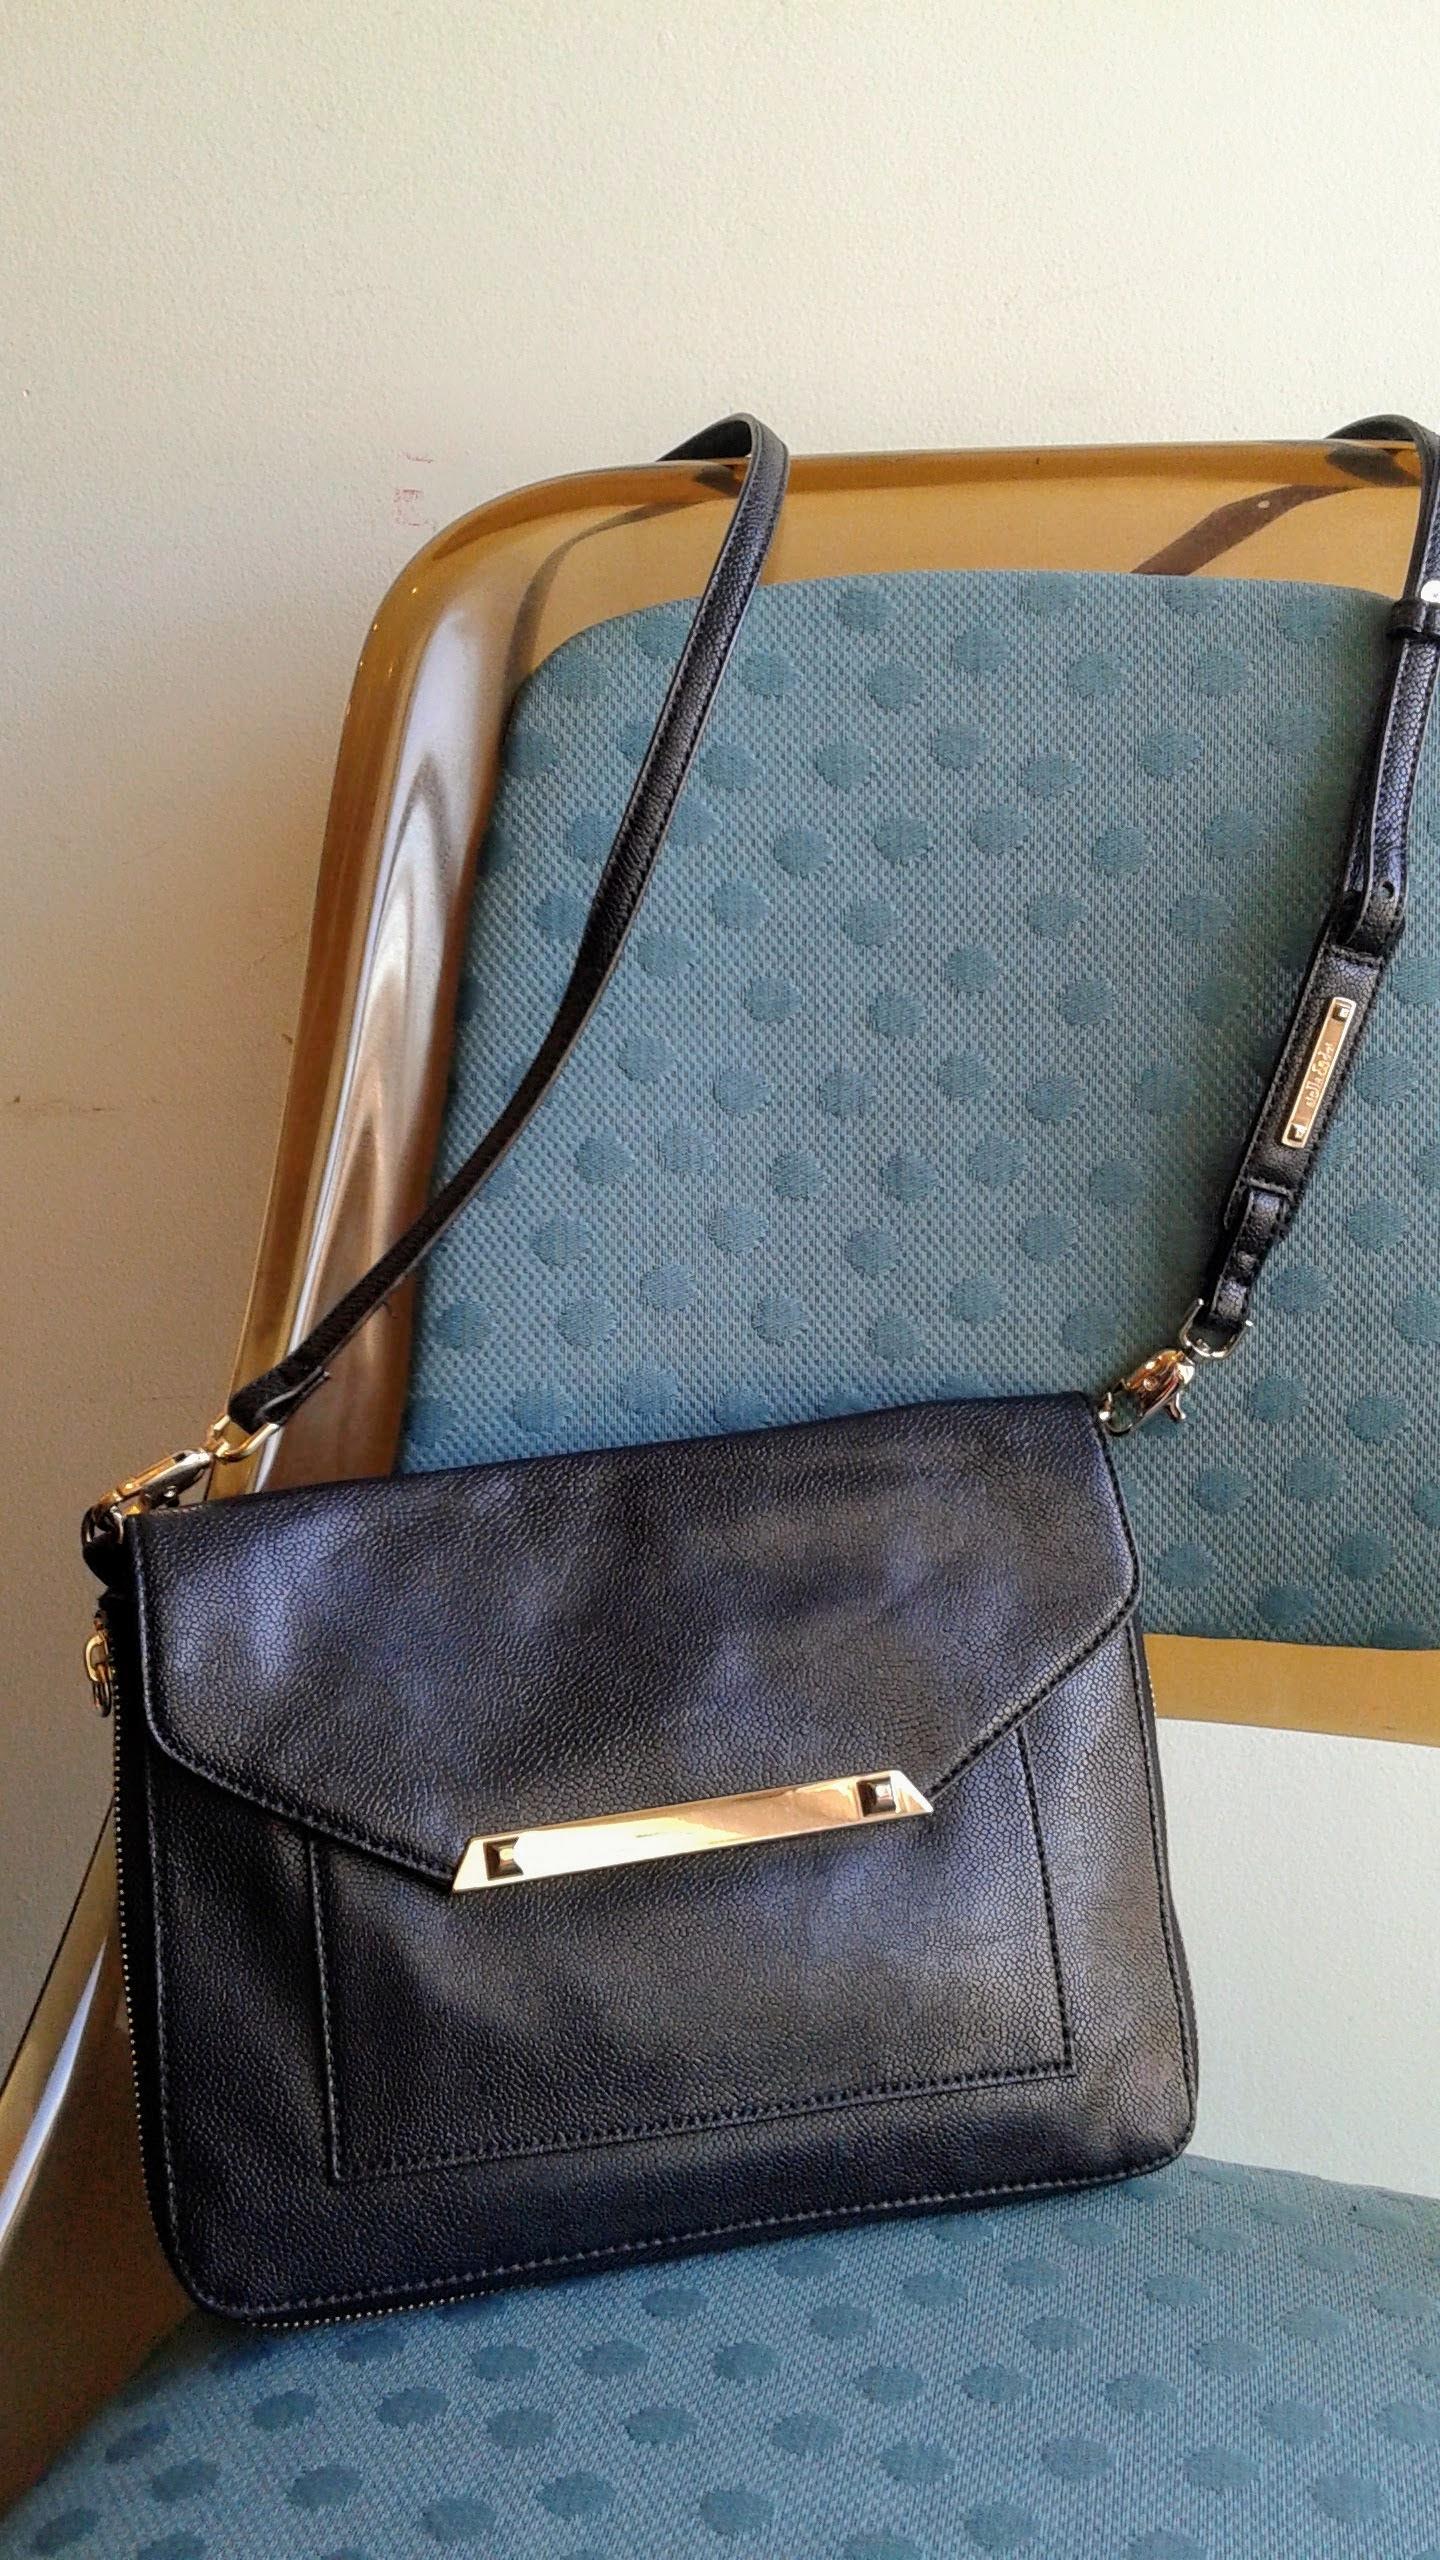 Stella &Dot purse, $22